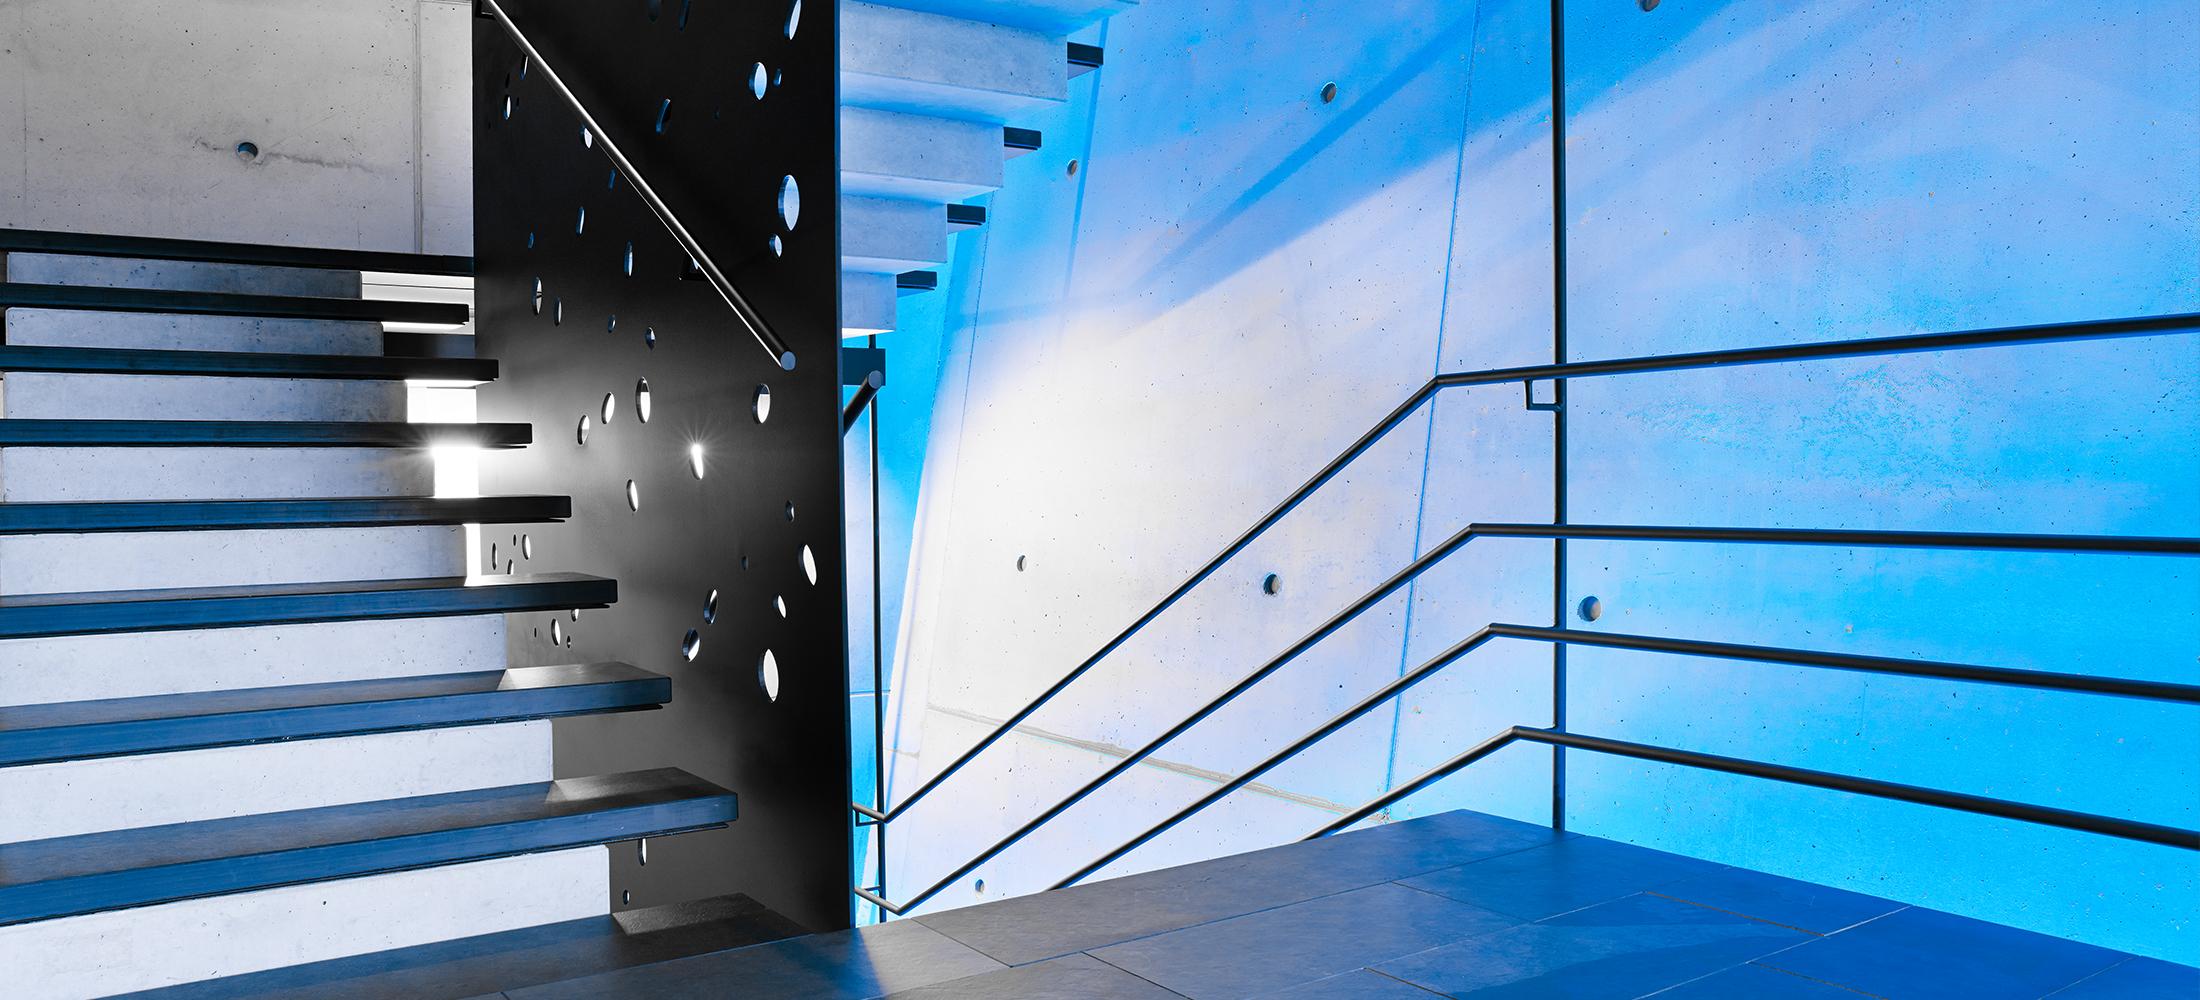 werkstudent m w d stellendetailseite schmelzle partner mbb architekten bda. Black Bedroom Furniture Sets. Home Design Ideas